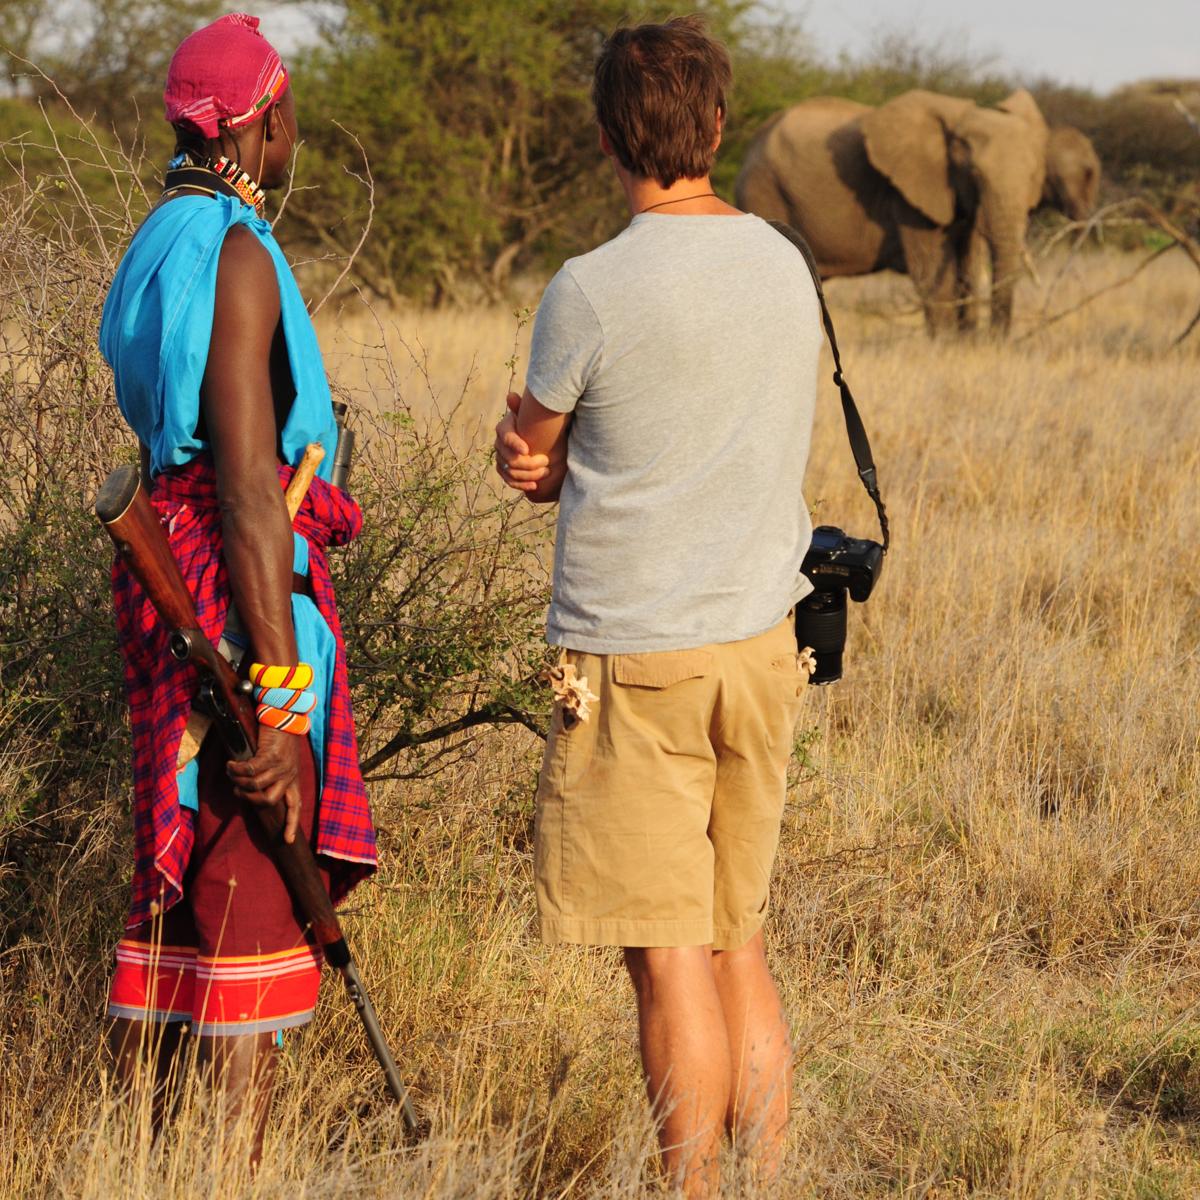 safariswithelephants.jpg